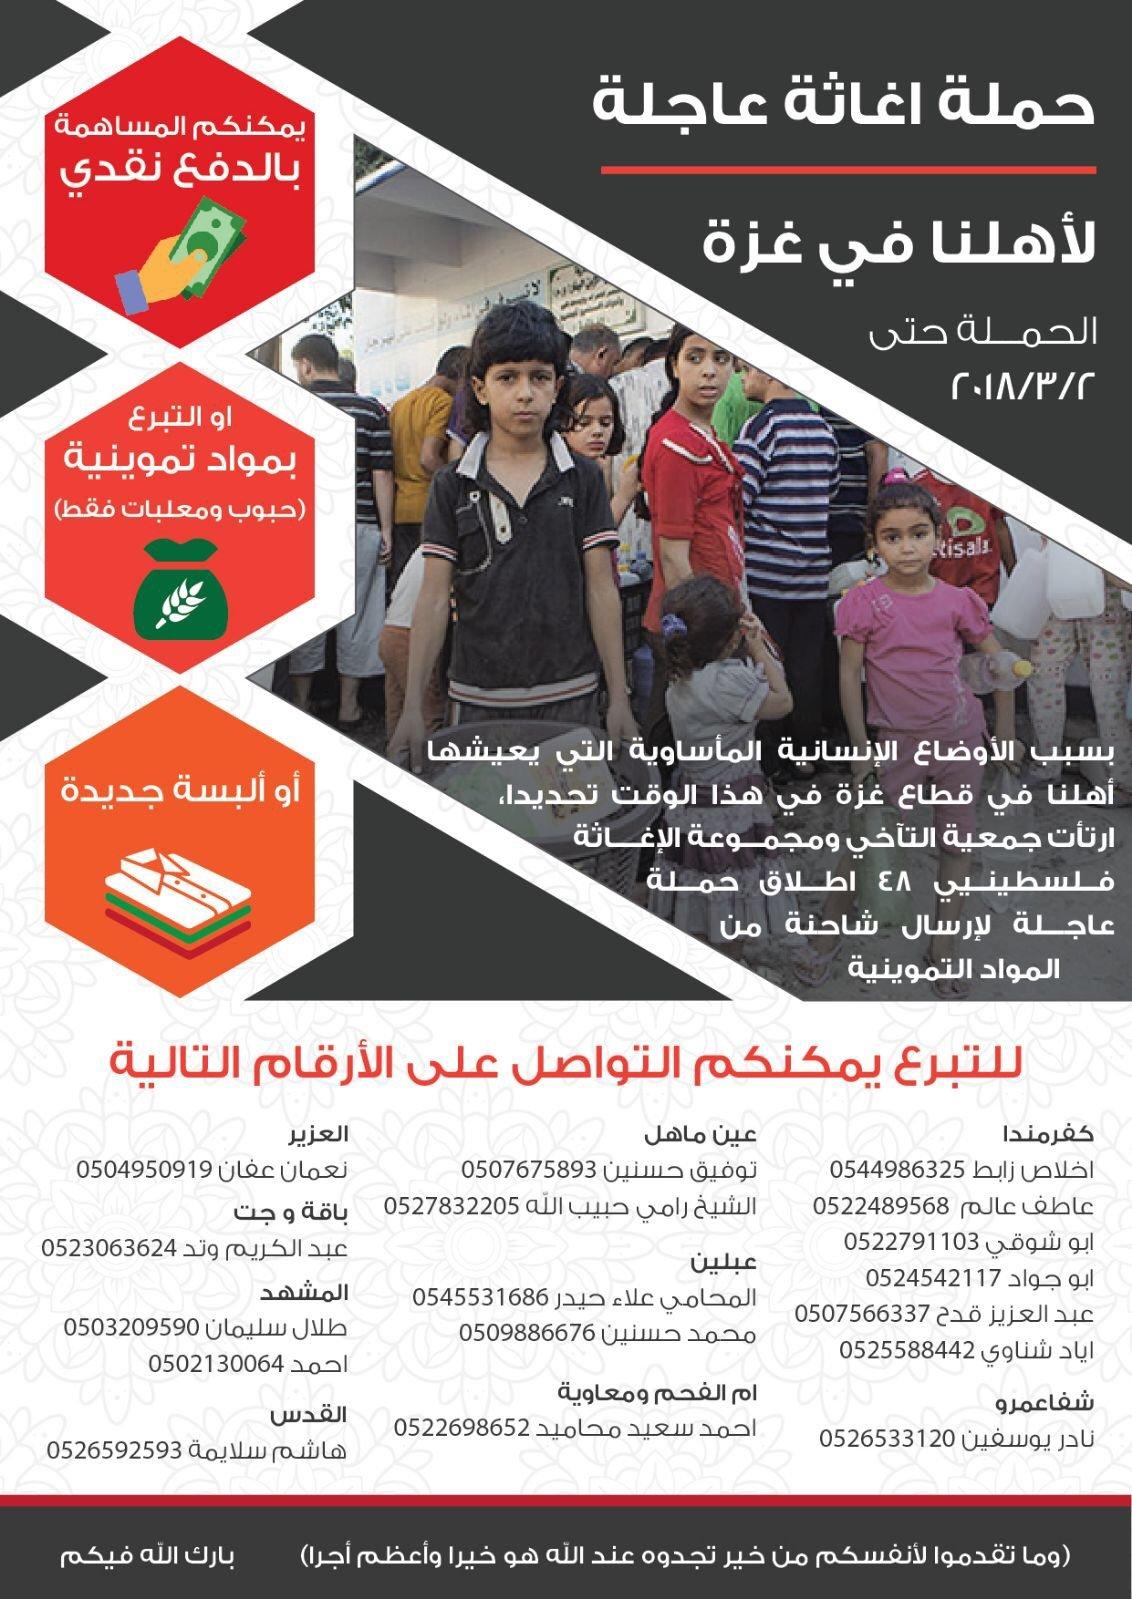 اطلاق حملة اغاثة عاجلة لأهالي غزة